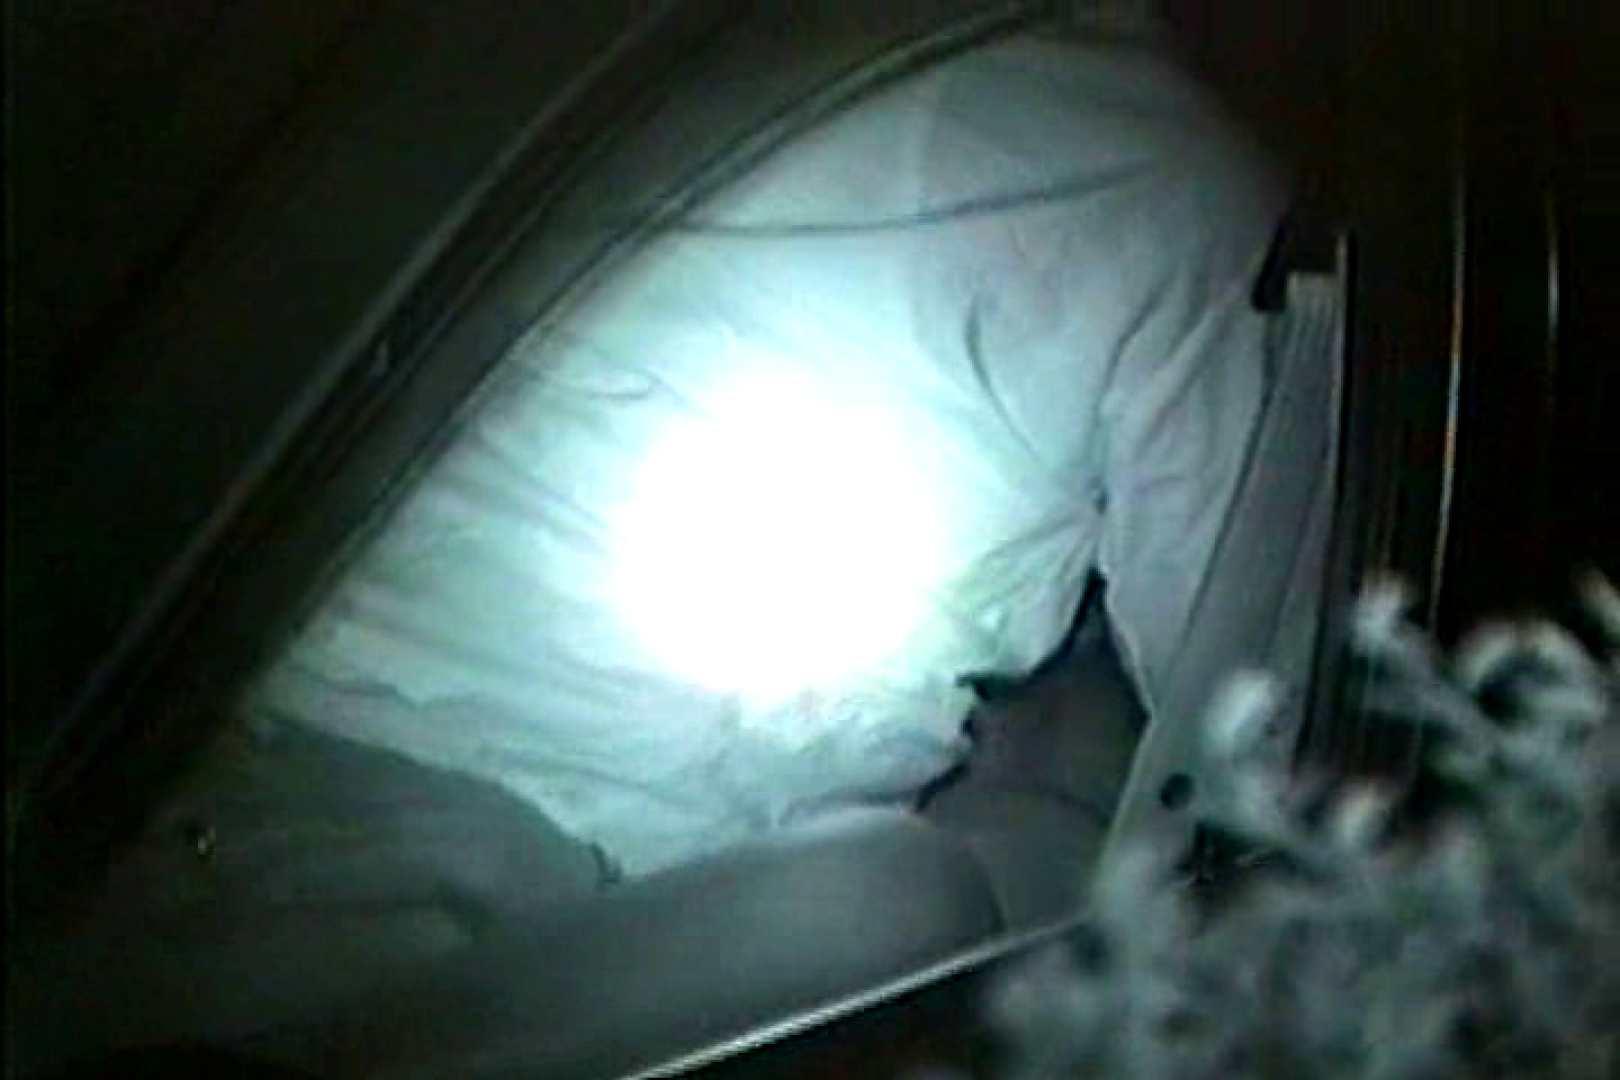 車の中はラブホテル 無修正版  Vol.6 カーセックス盗撮 おめこ無修正画像 104pic 70